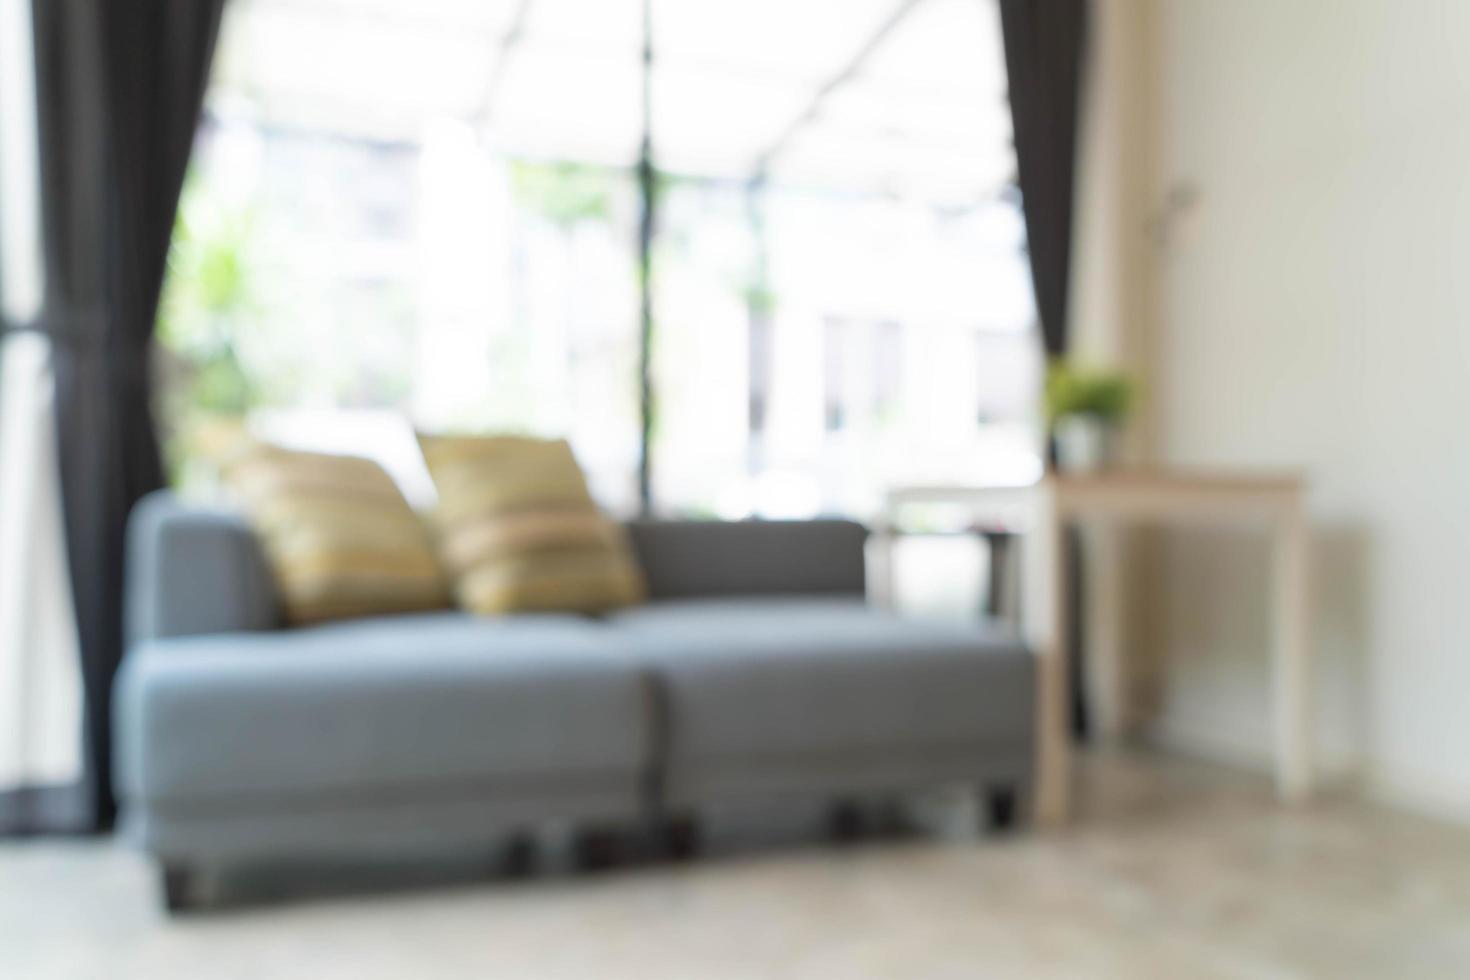 abstrait flou décoration d'intérieur moderne dans le salon photo